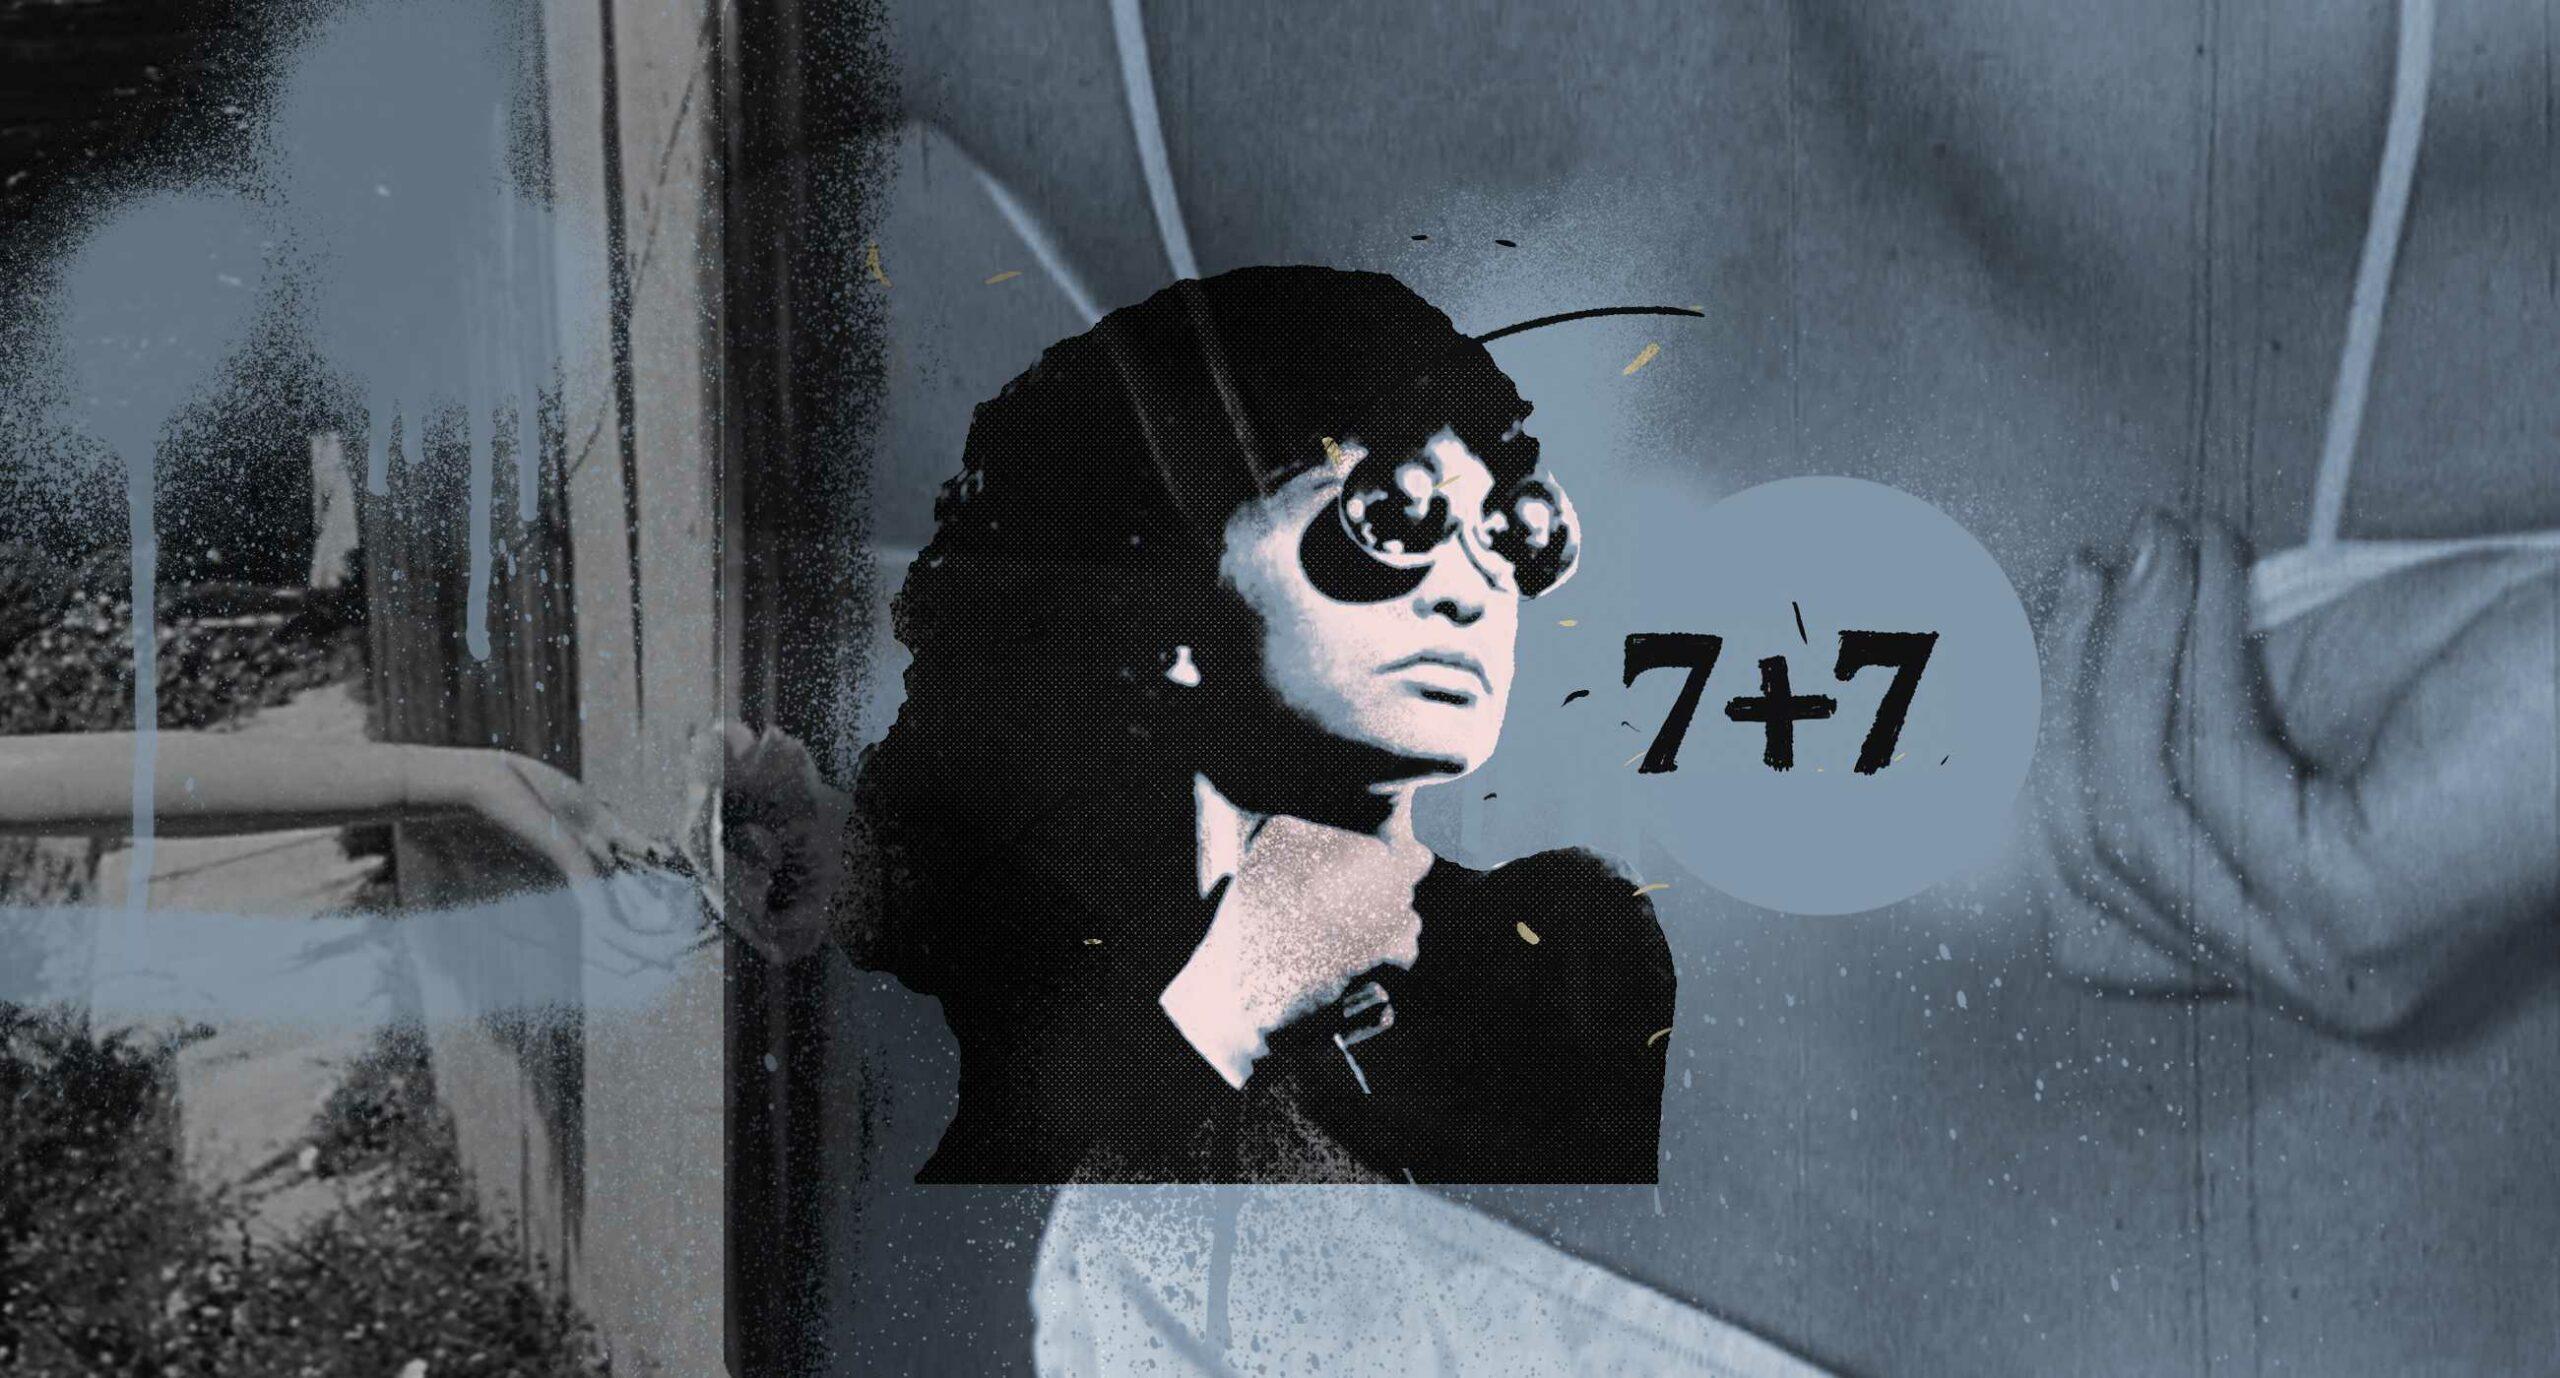 Що подивитися цієї осені? «7+7» — онлайн-фестиваль коротких метрів від видатних режисерок